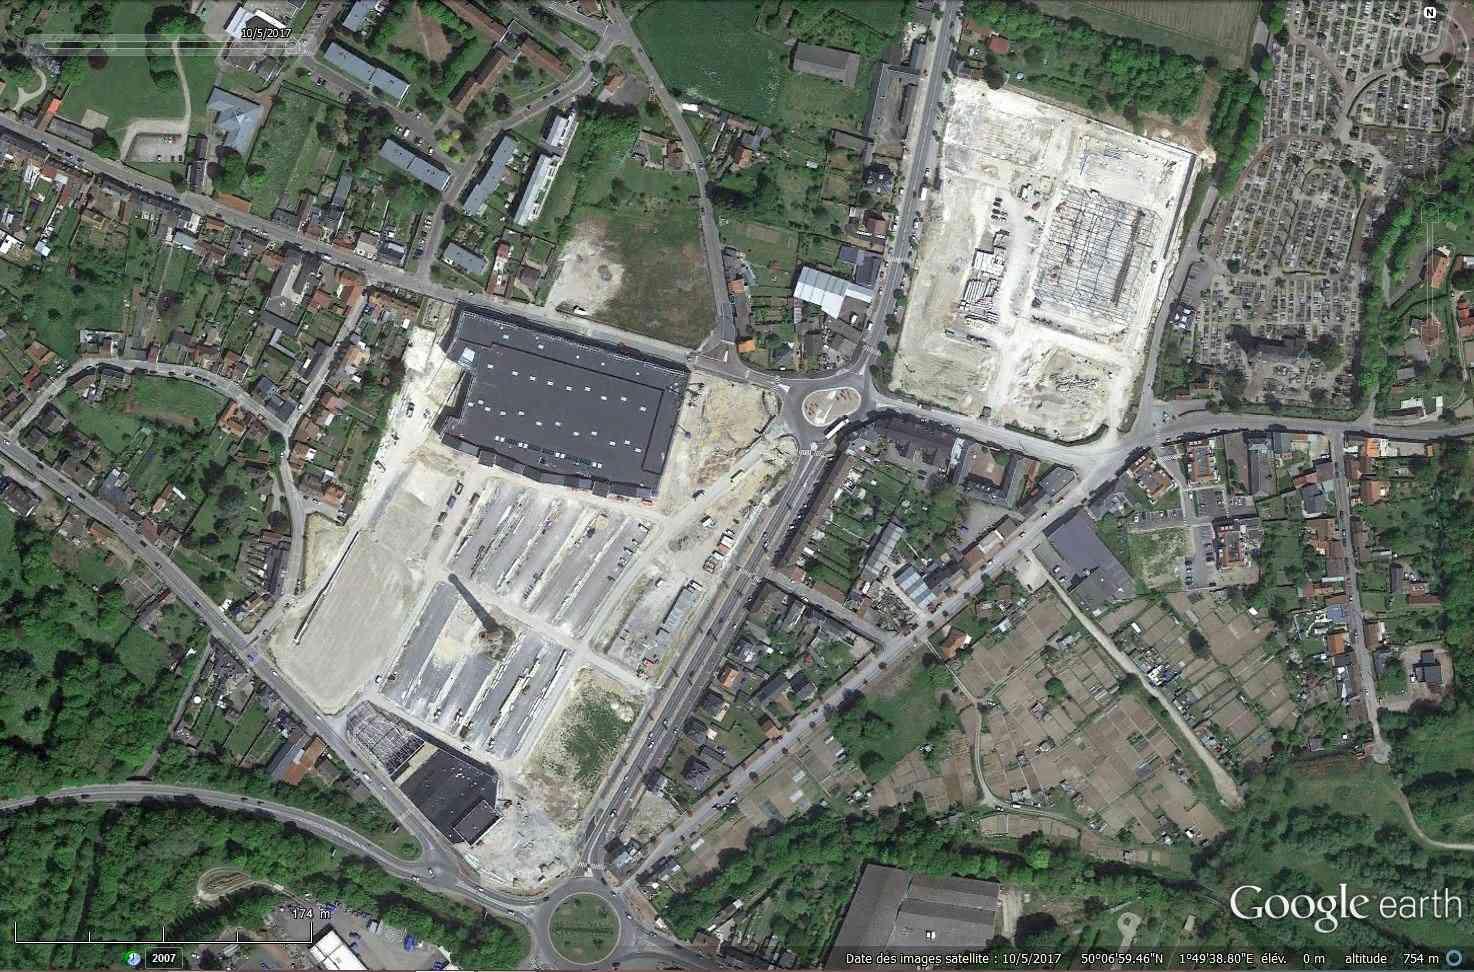 [Bientôt visible sur Google-Earth] Futur quartier de la sucrerie à Abbeville, Somme Tsge_529